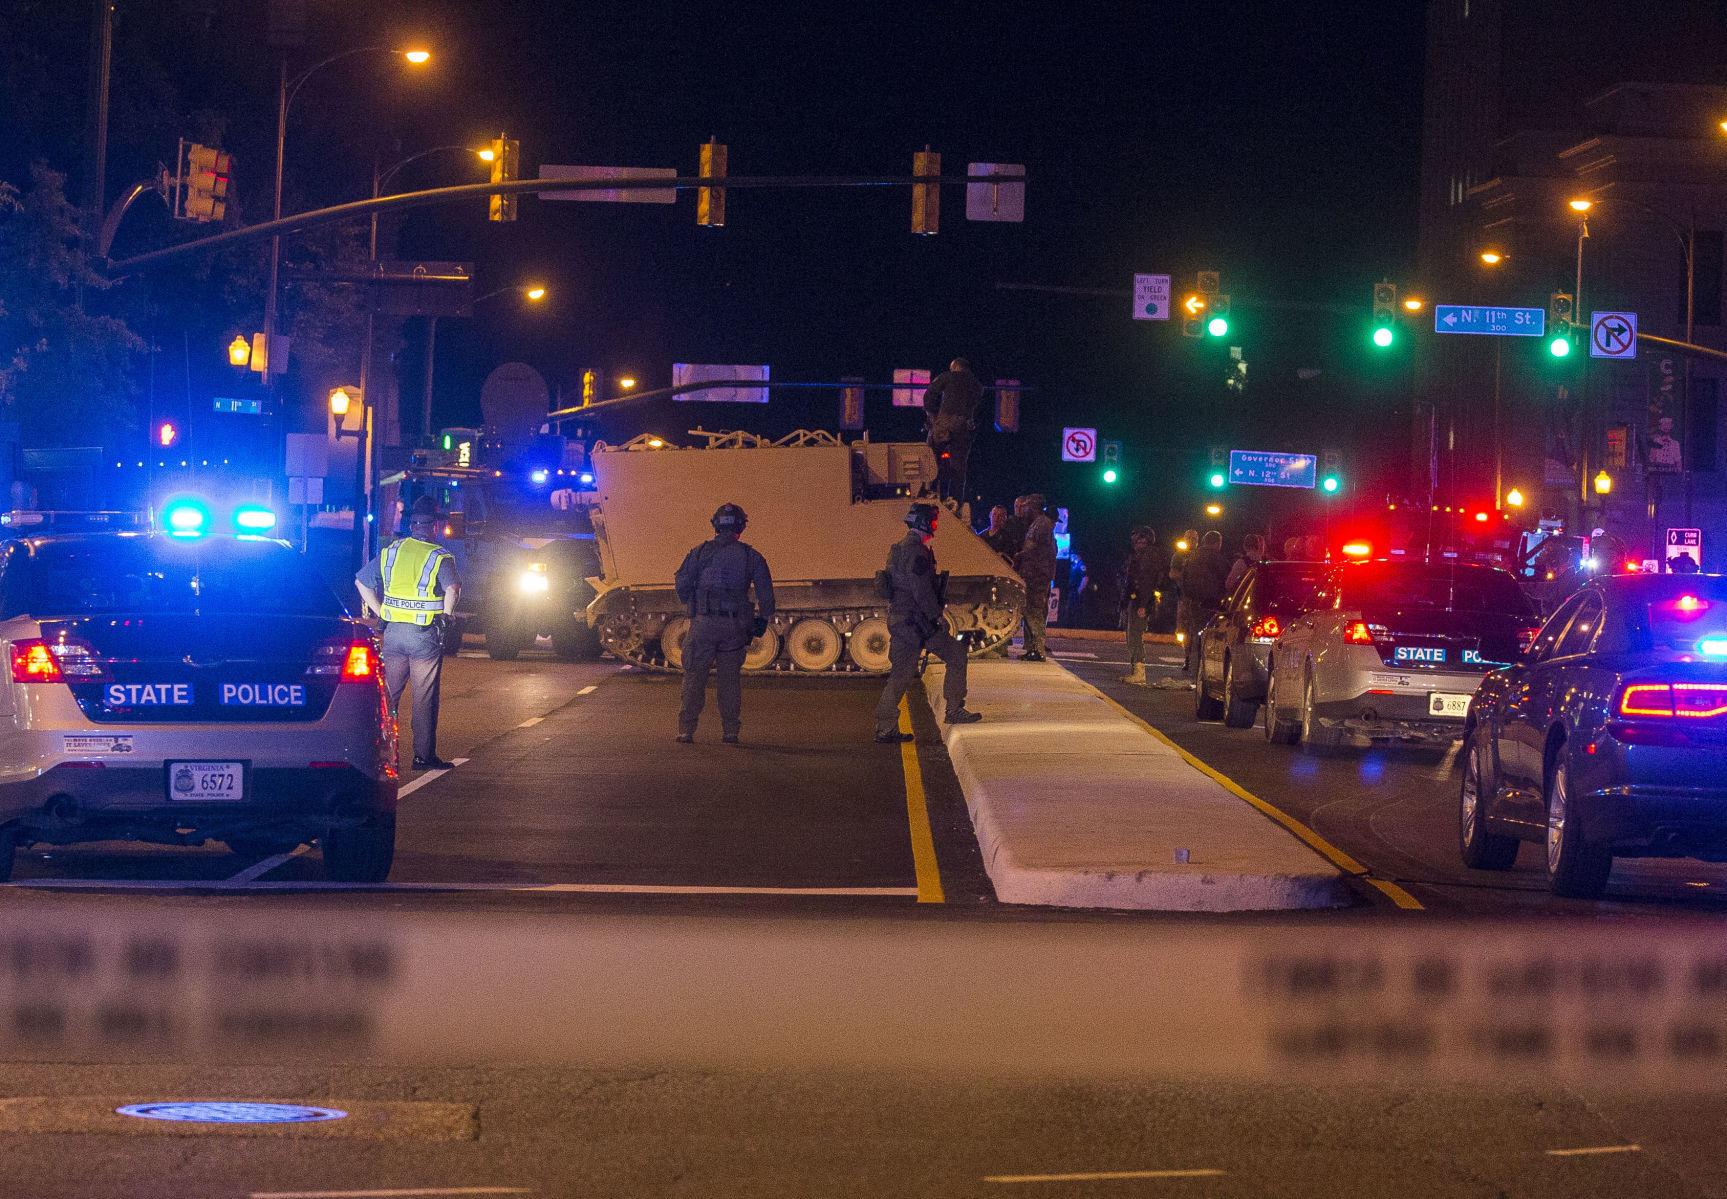 ทหารมะกันขโมยรถหุ้มเกราะซิ่งป่วนเมือง ตำรวจตามไล่ล่ากันจ้าละหวั่น(ชมคลิป)